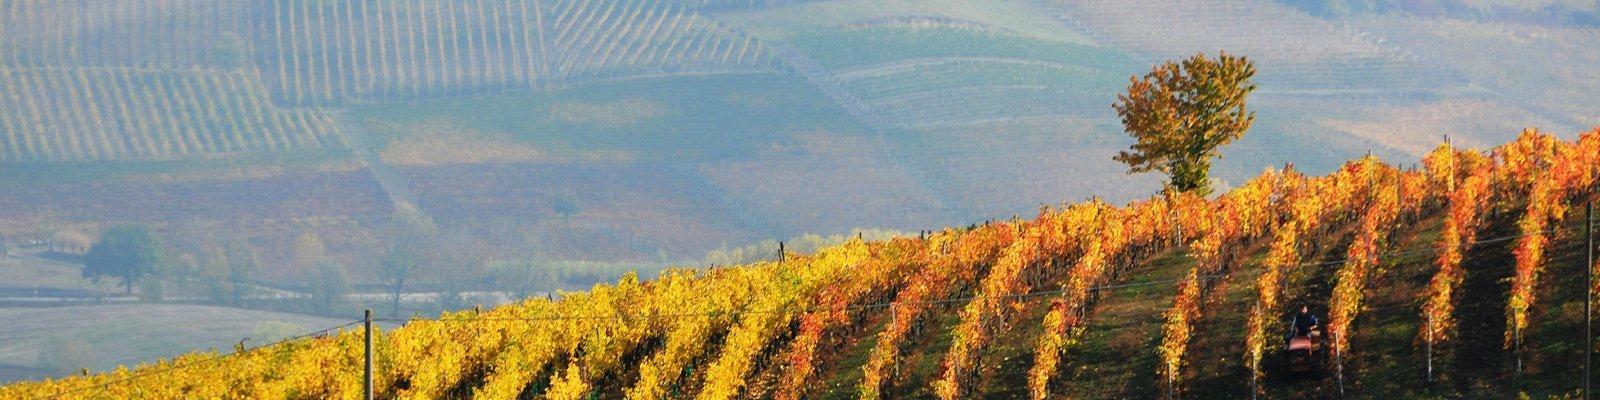 Le Attività promosse dal Consorzio del Barbera e dei vini del Monferrato